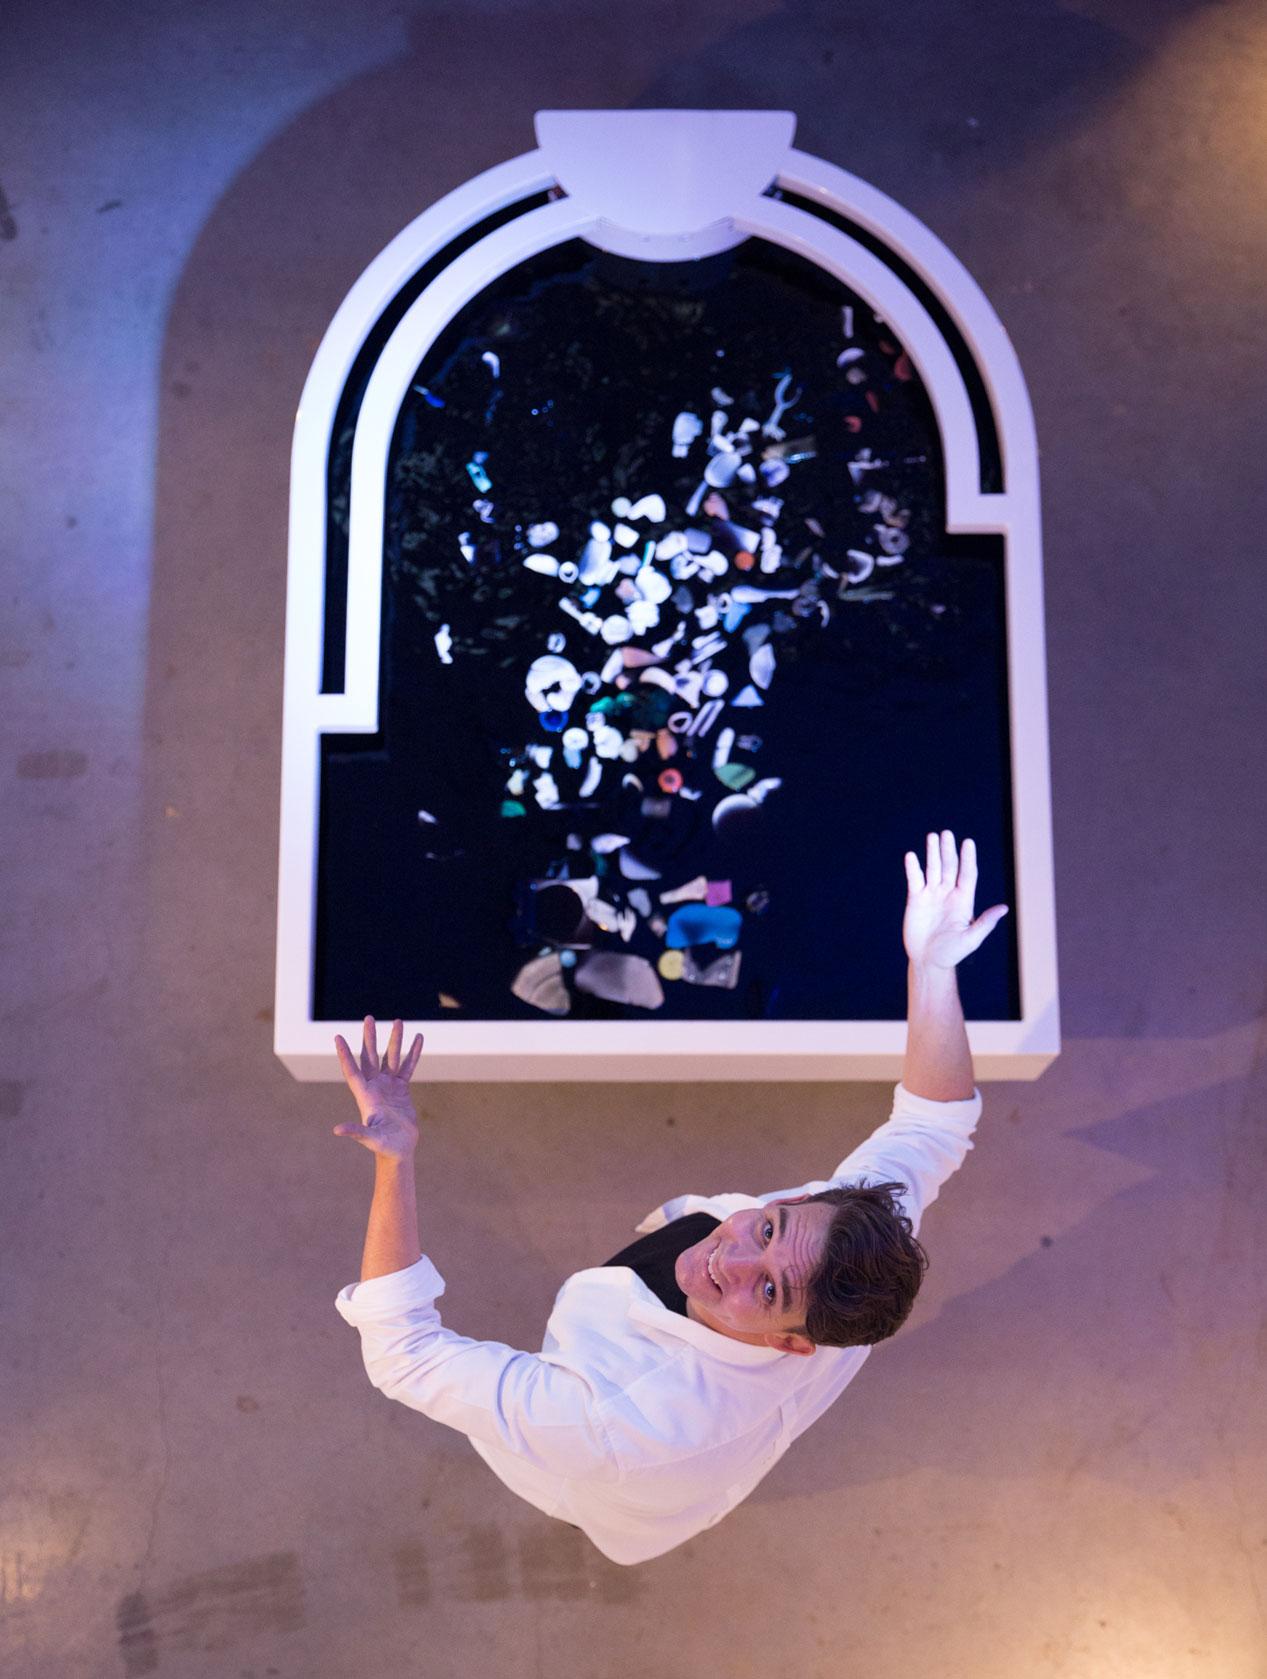 plastic-reflectic-interactiveinstallation-thijsbiersteker-10